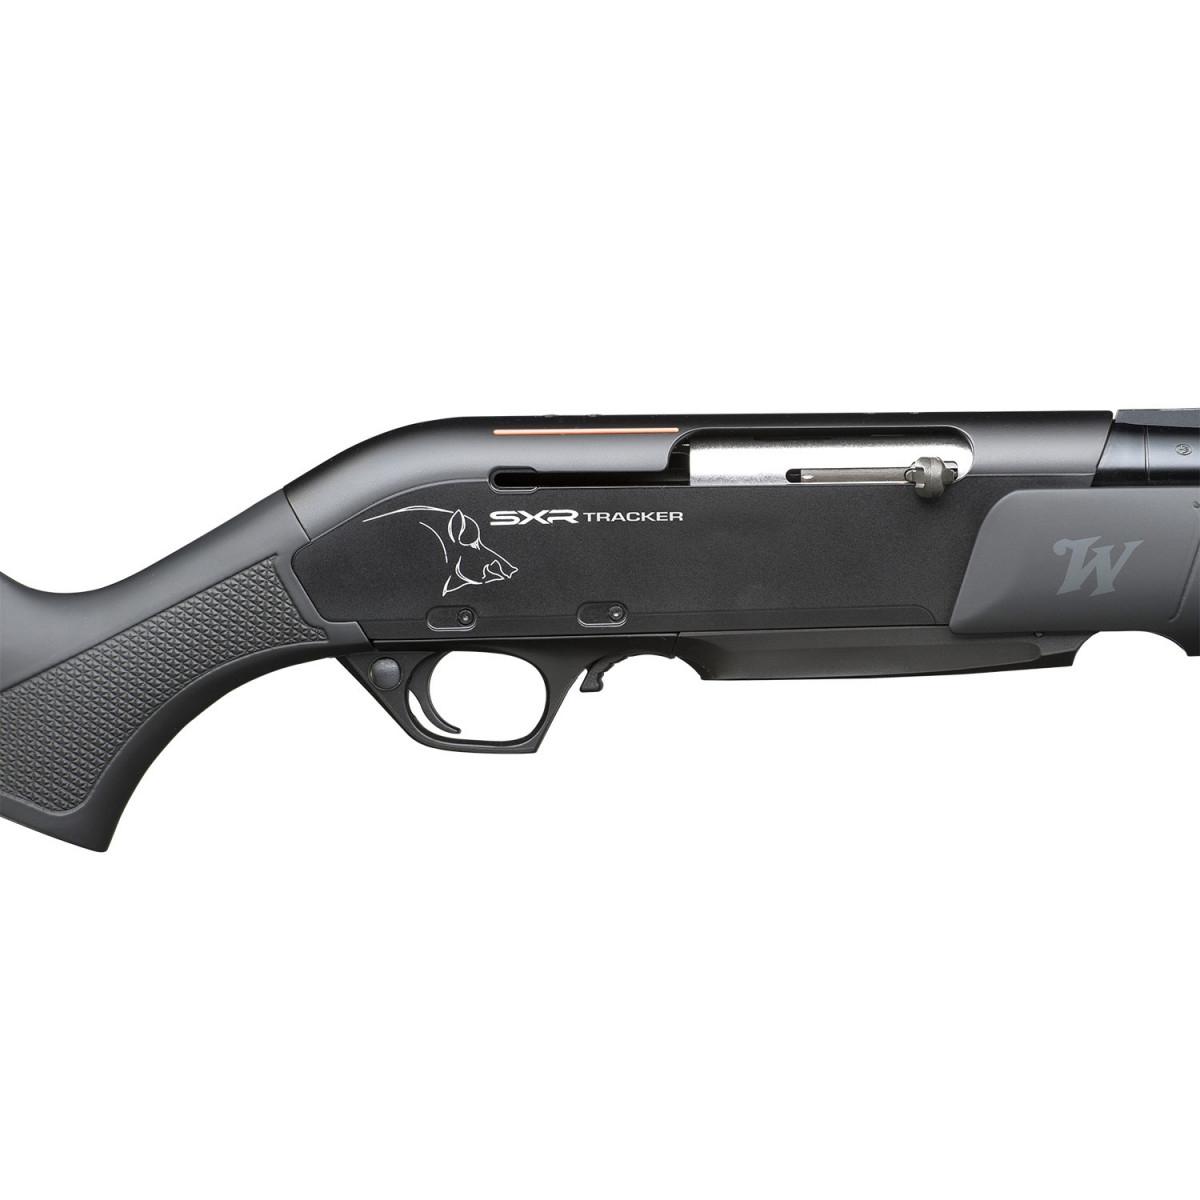 carabina winchester calibro 30 – 06 modello SXR Black TracKer Fluted